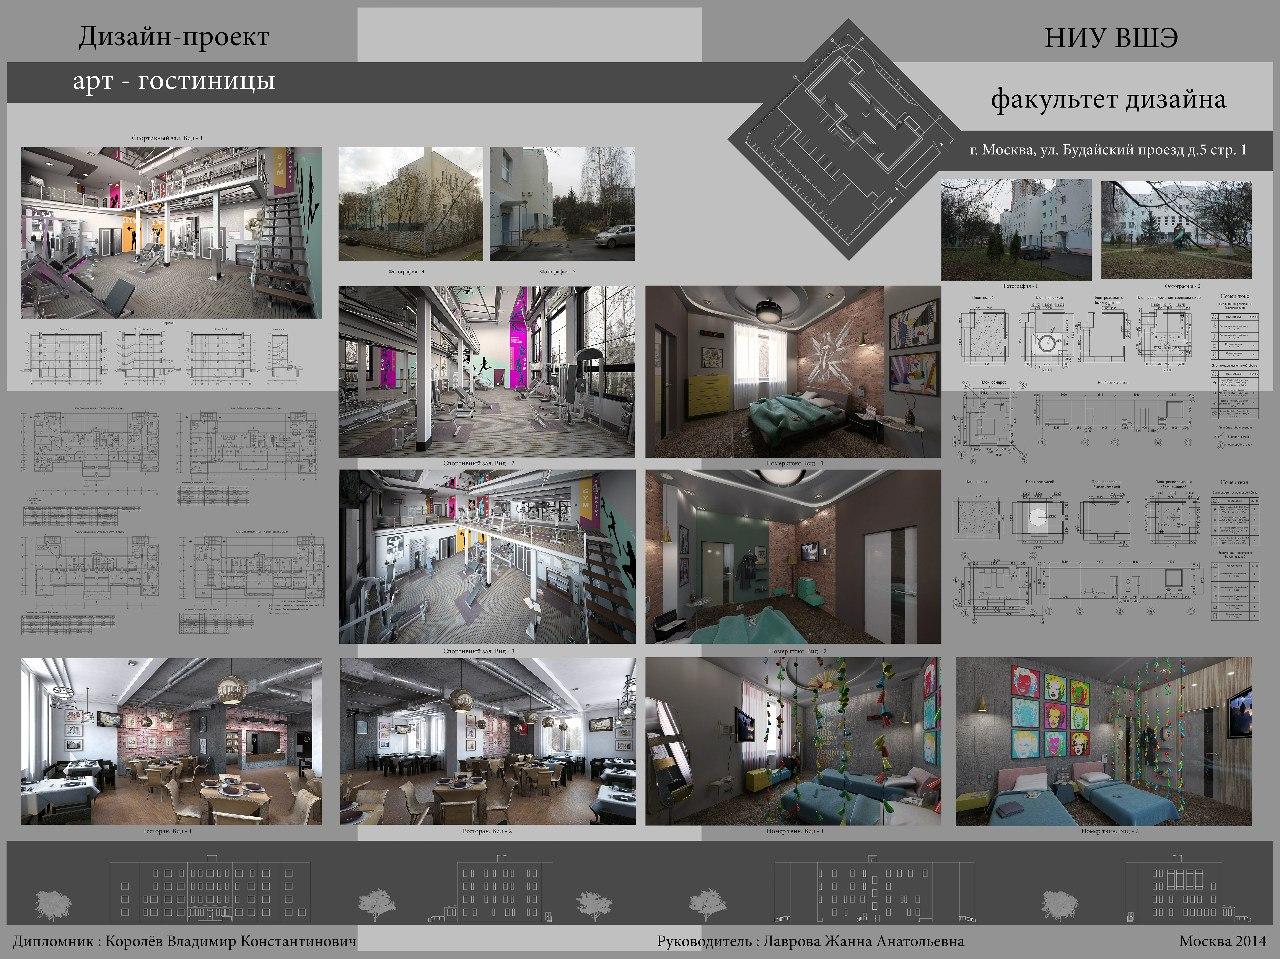 Дипломный проект арт гостиница планшет Фрилансер Владимир  Дипломный проект арт гостиница планшет